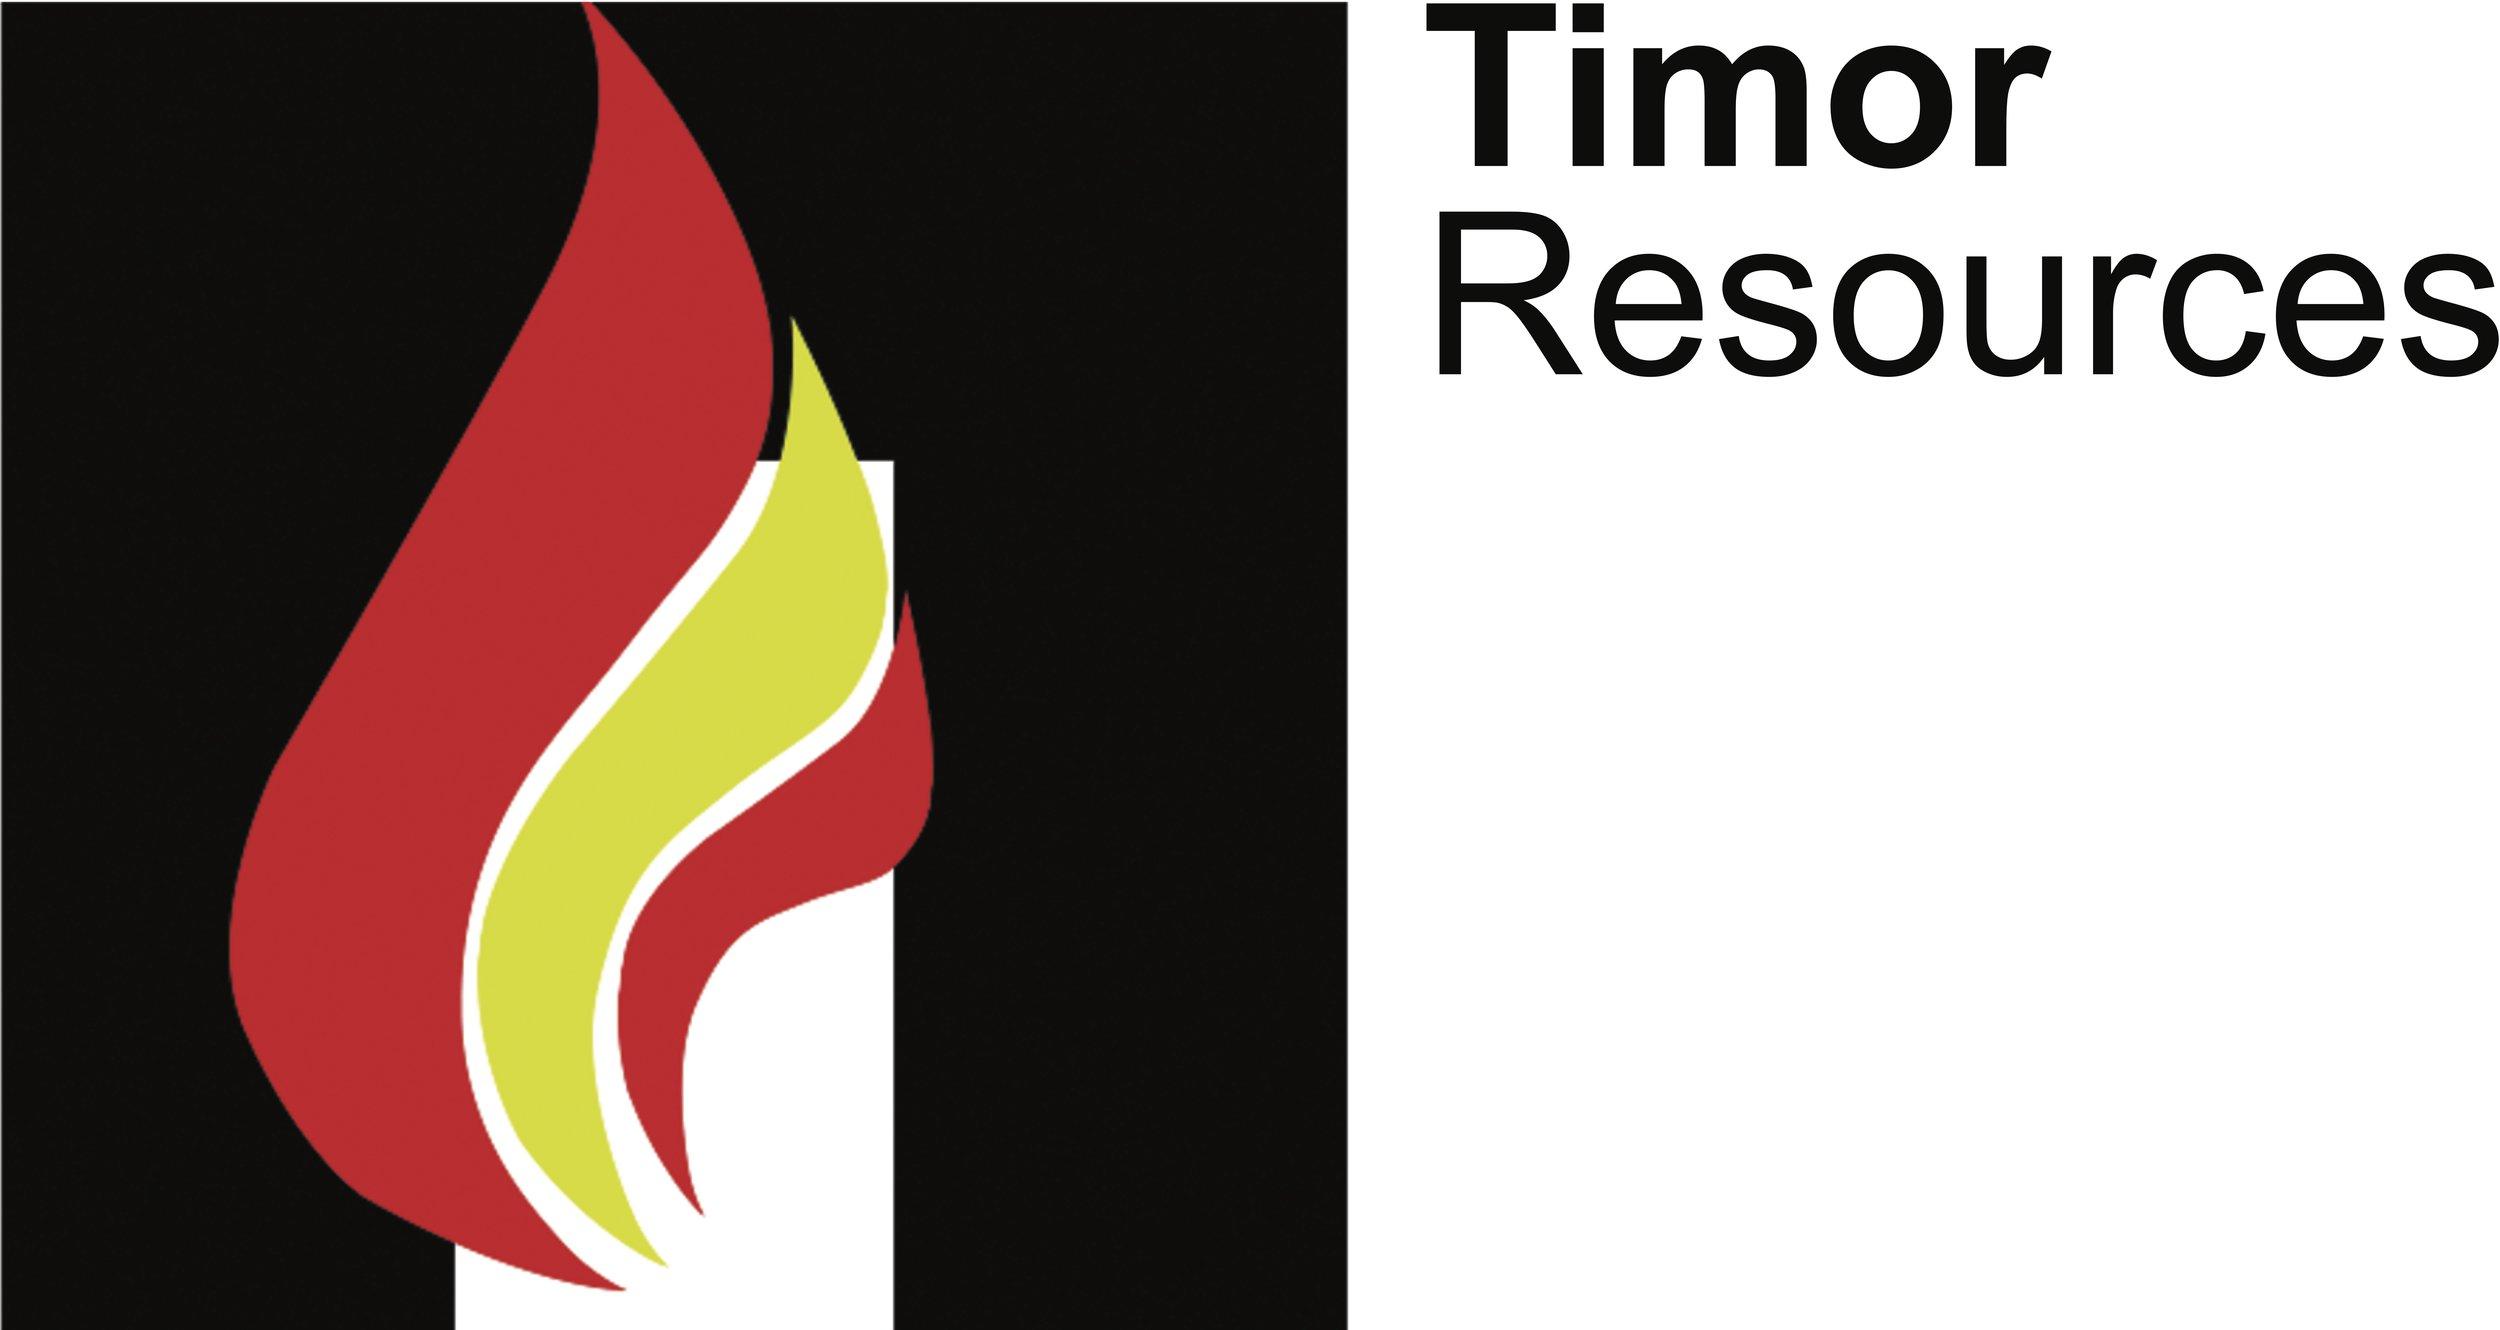 Timor Resources logo.jpg